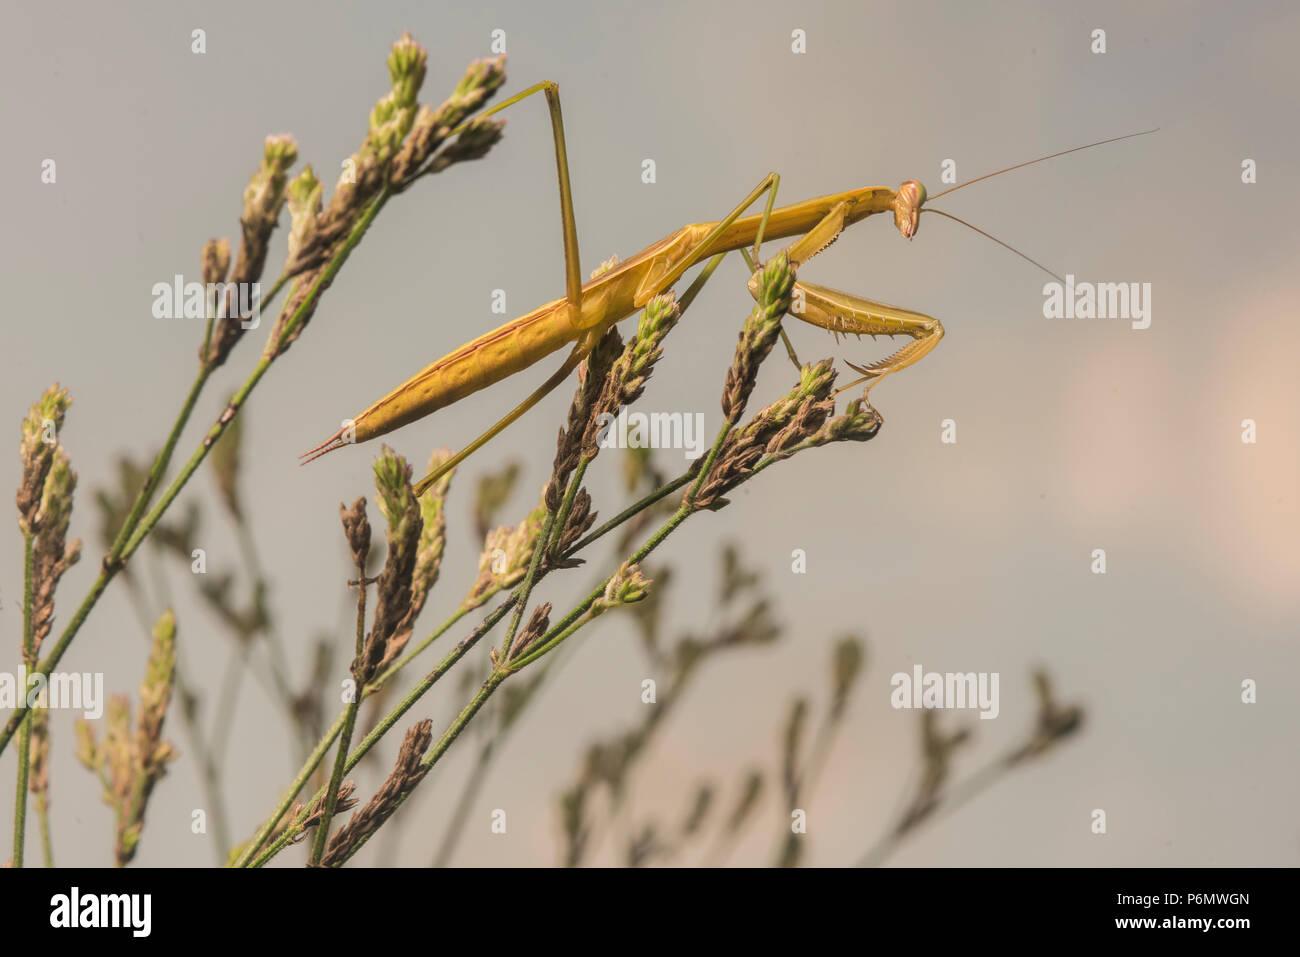 Die chinesische Mantis (Tenodera sinensis) ist eine eingeführte Art in den USA ist es häufig als natürliche Form der Schädlingsbekämpfung. Stockbild